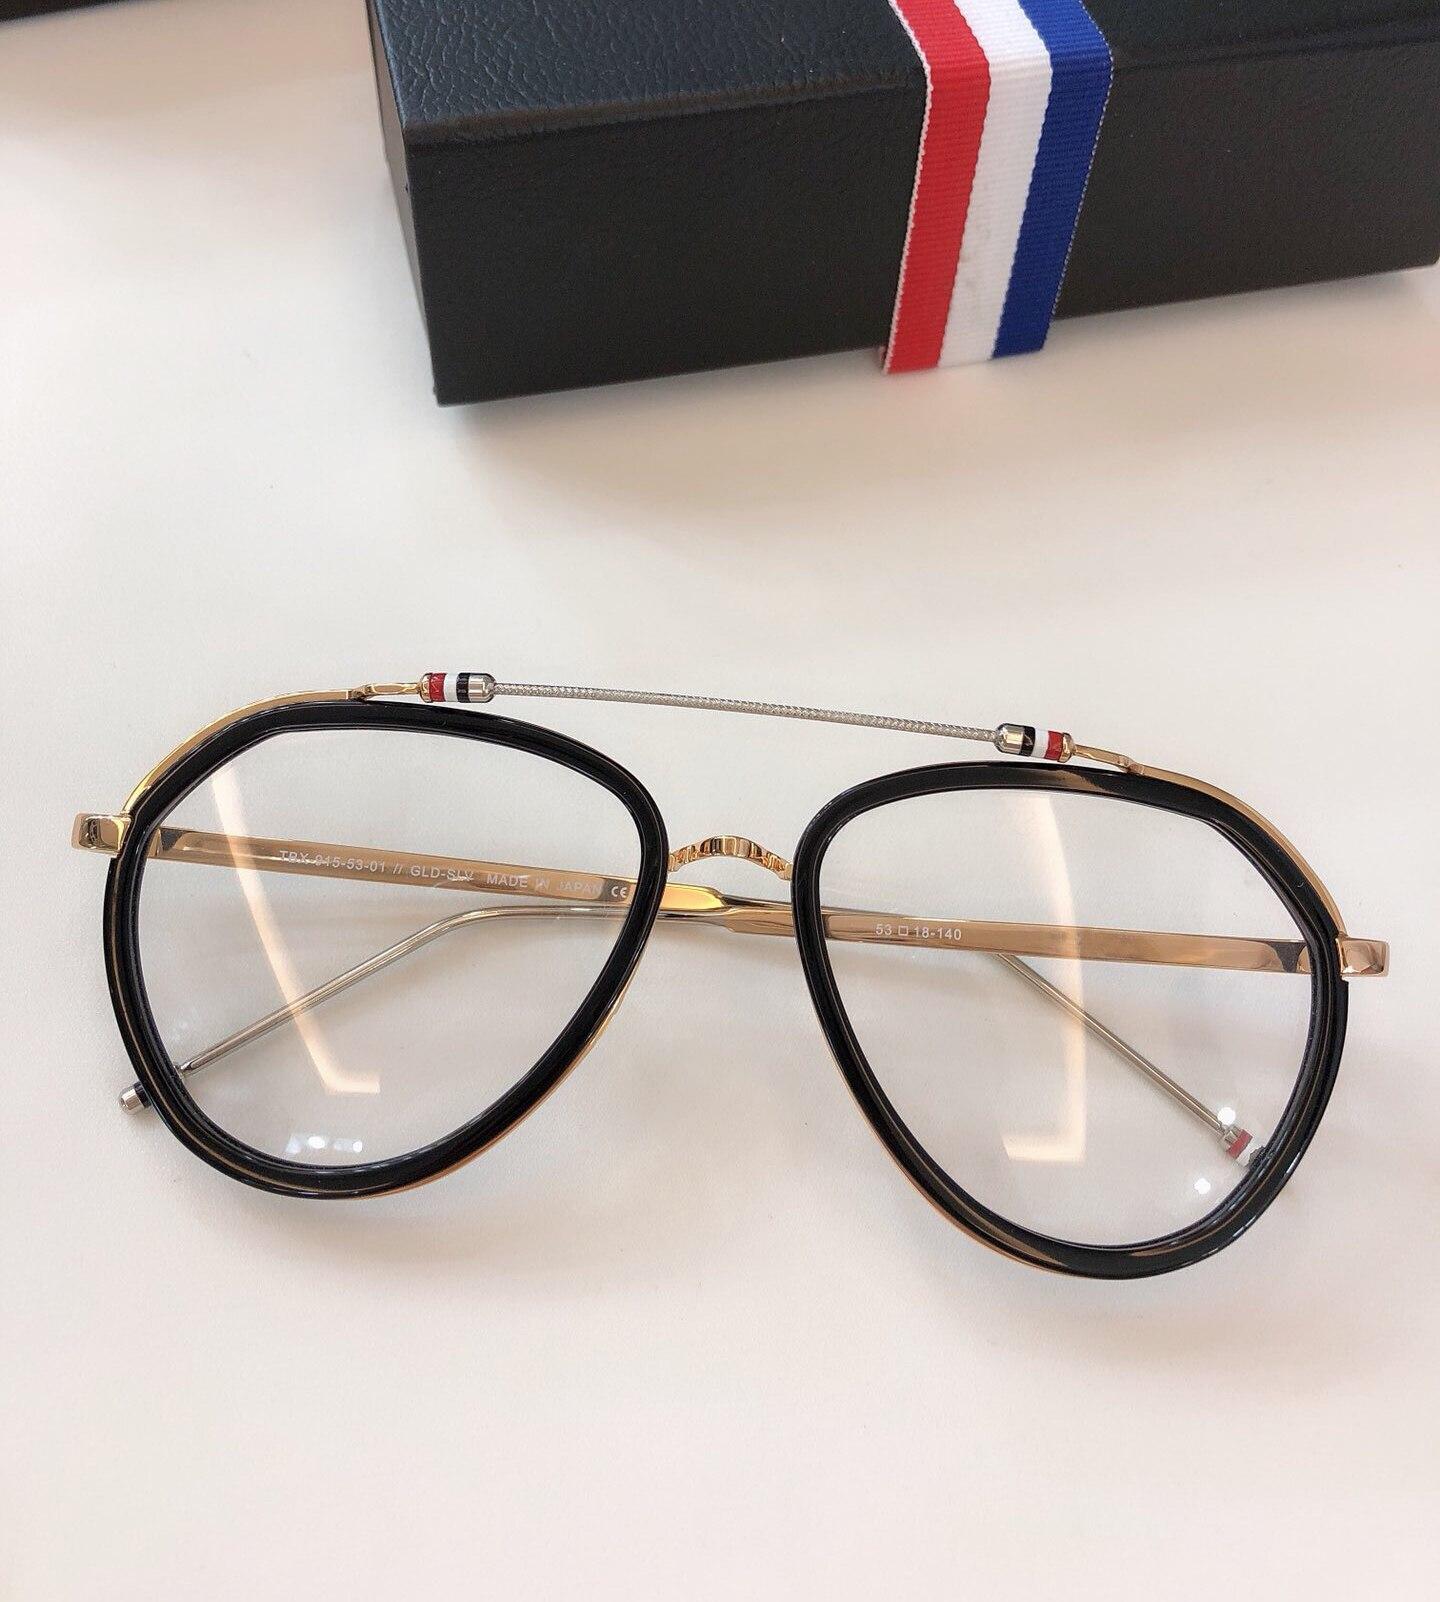 New York Vintage optique thom lunettes cadre hommes femmes ordinateur myopie lunettes de vue lunettes cadre femmes femme avec boîte - 6